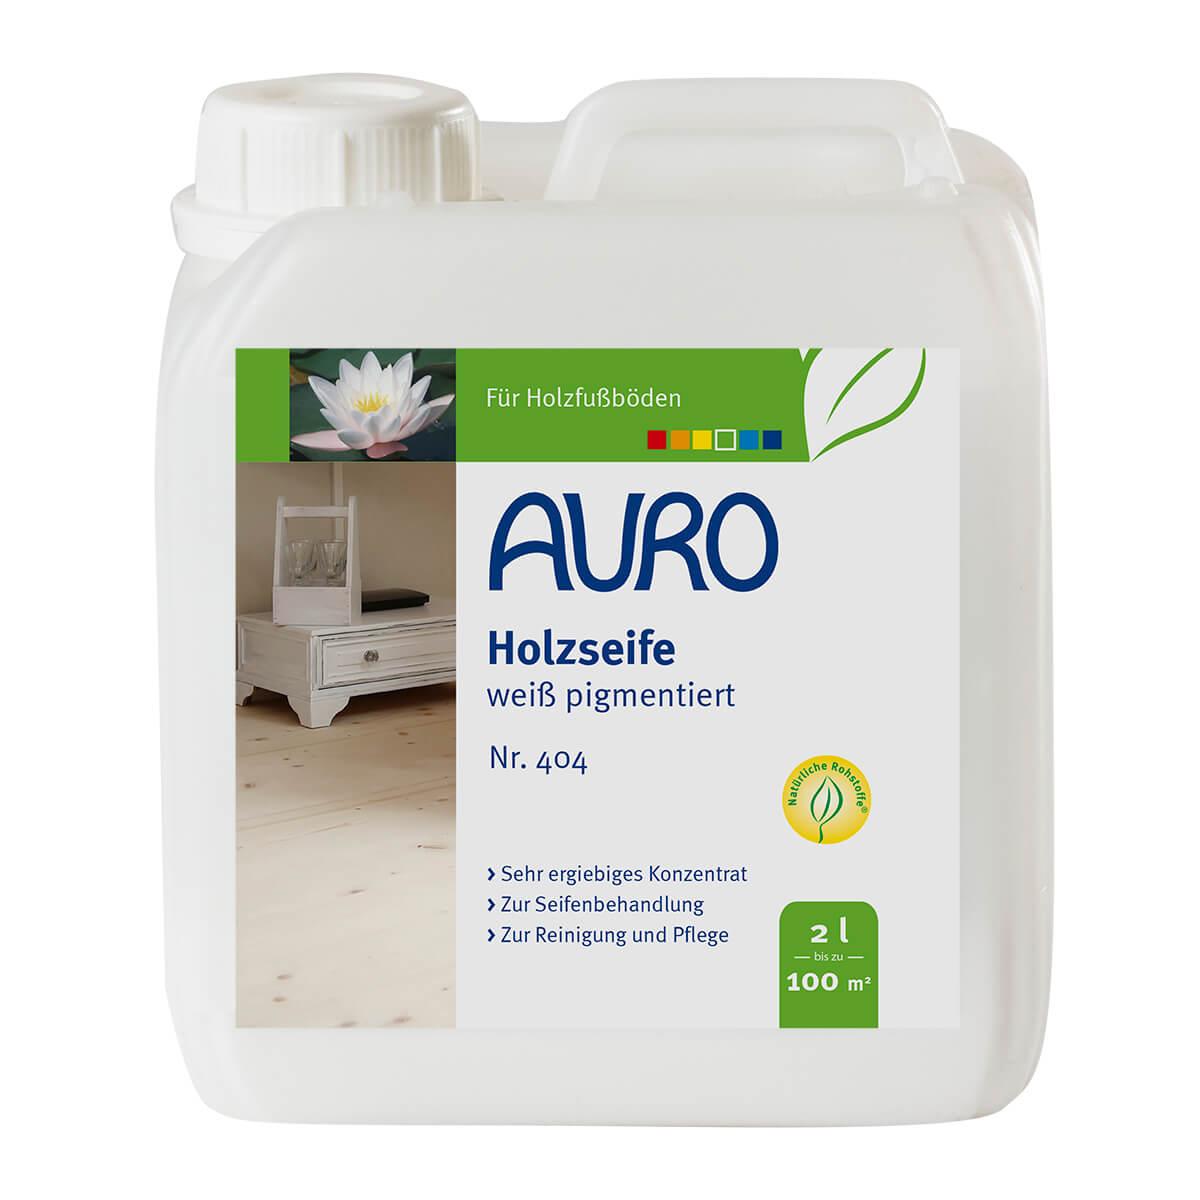 AURO Holzseife-Weiß pigmentiert Nr. 404 - 2 L